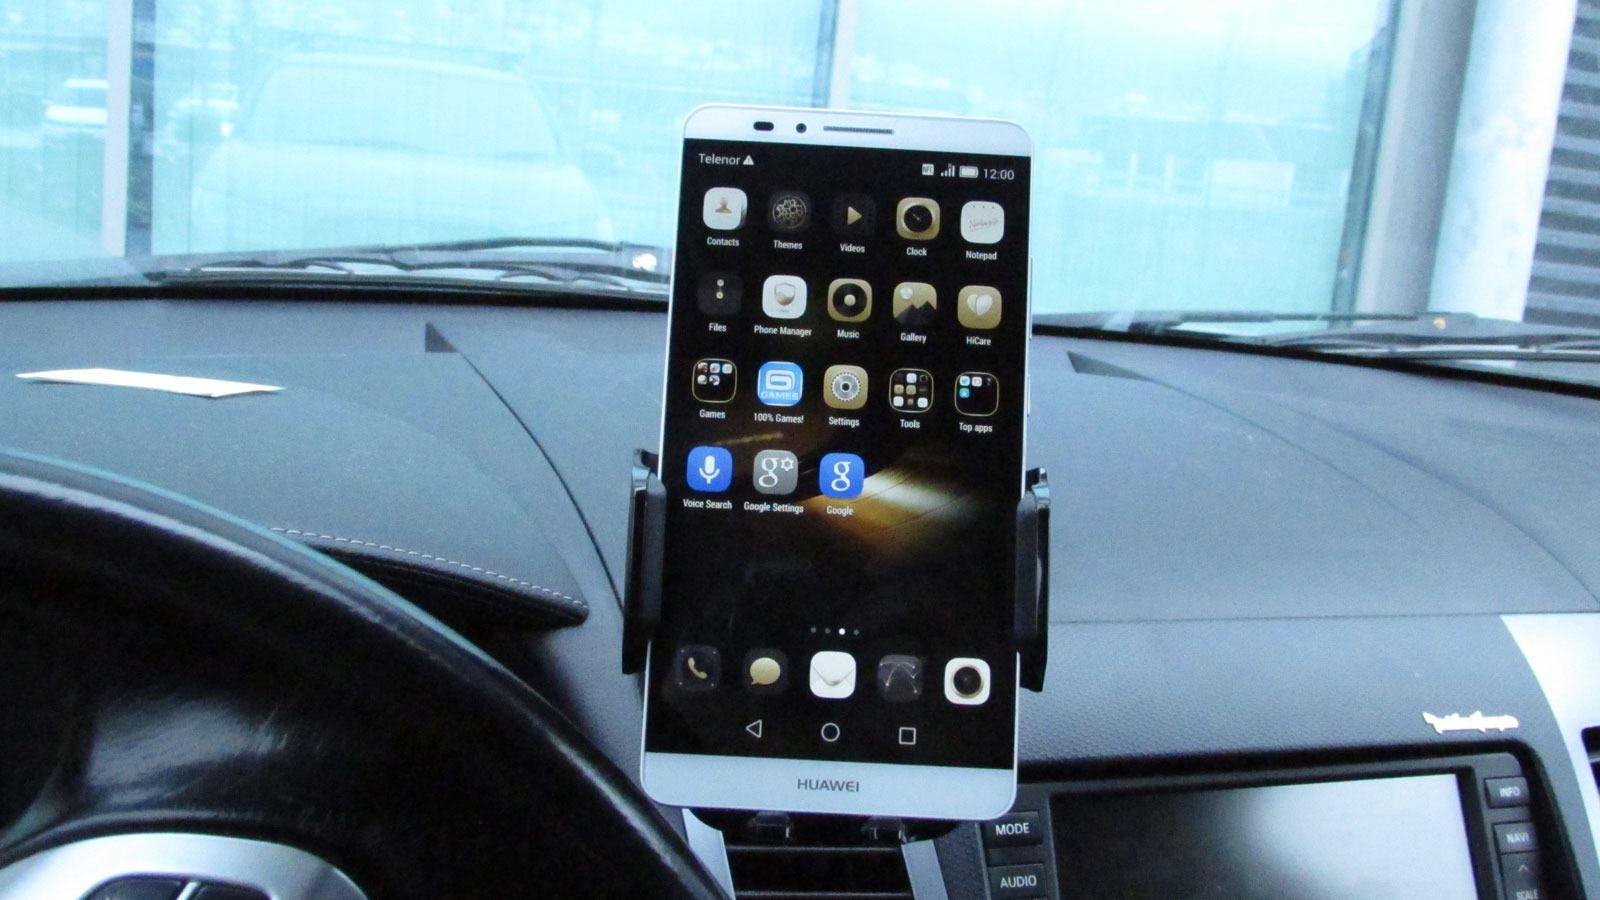 Telefonen er stor nok til å være lettlest i bilholderen.